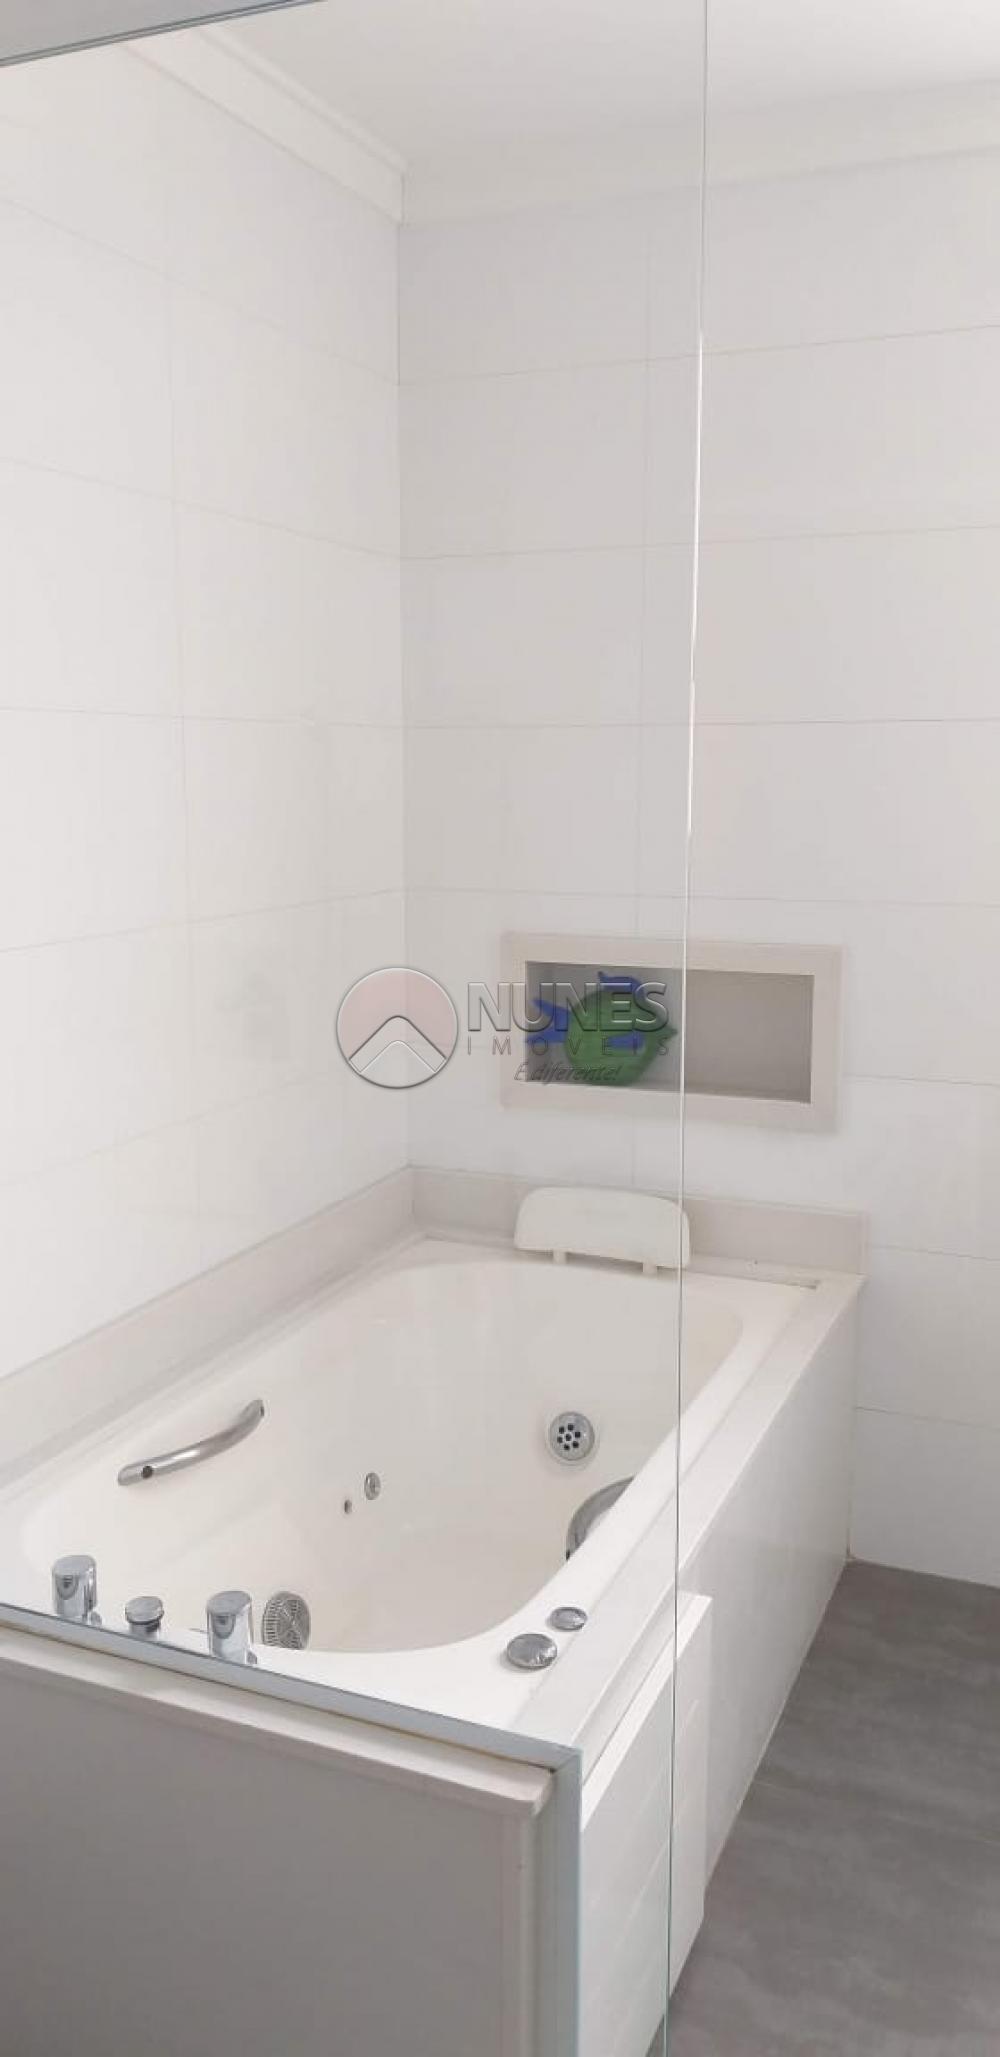 Comprar Apartamento / Padrão em São Paulo apenas R$ 1.915.000,00 - Foto 22